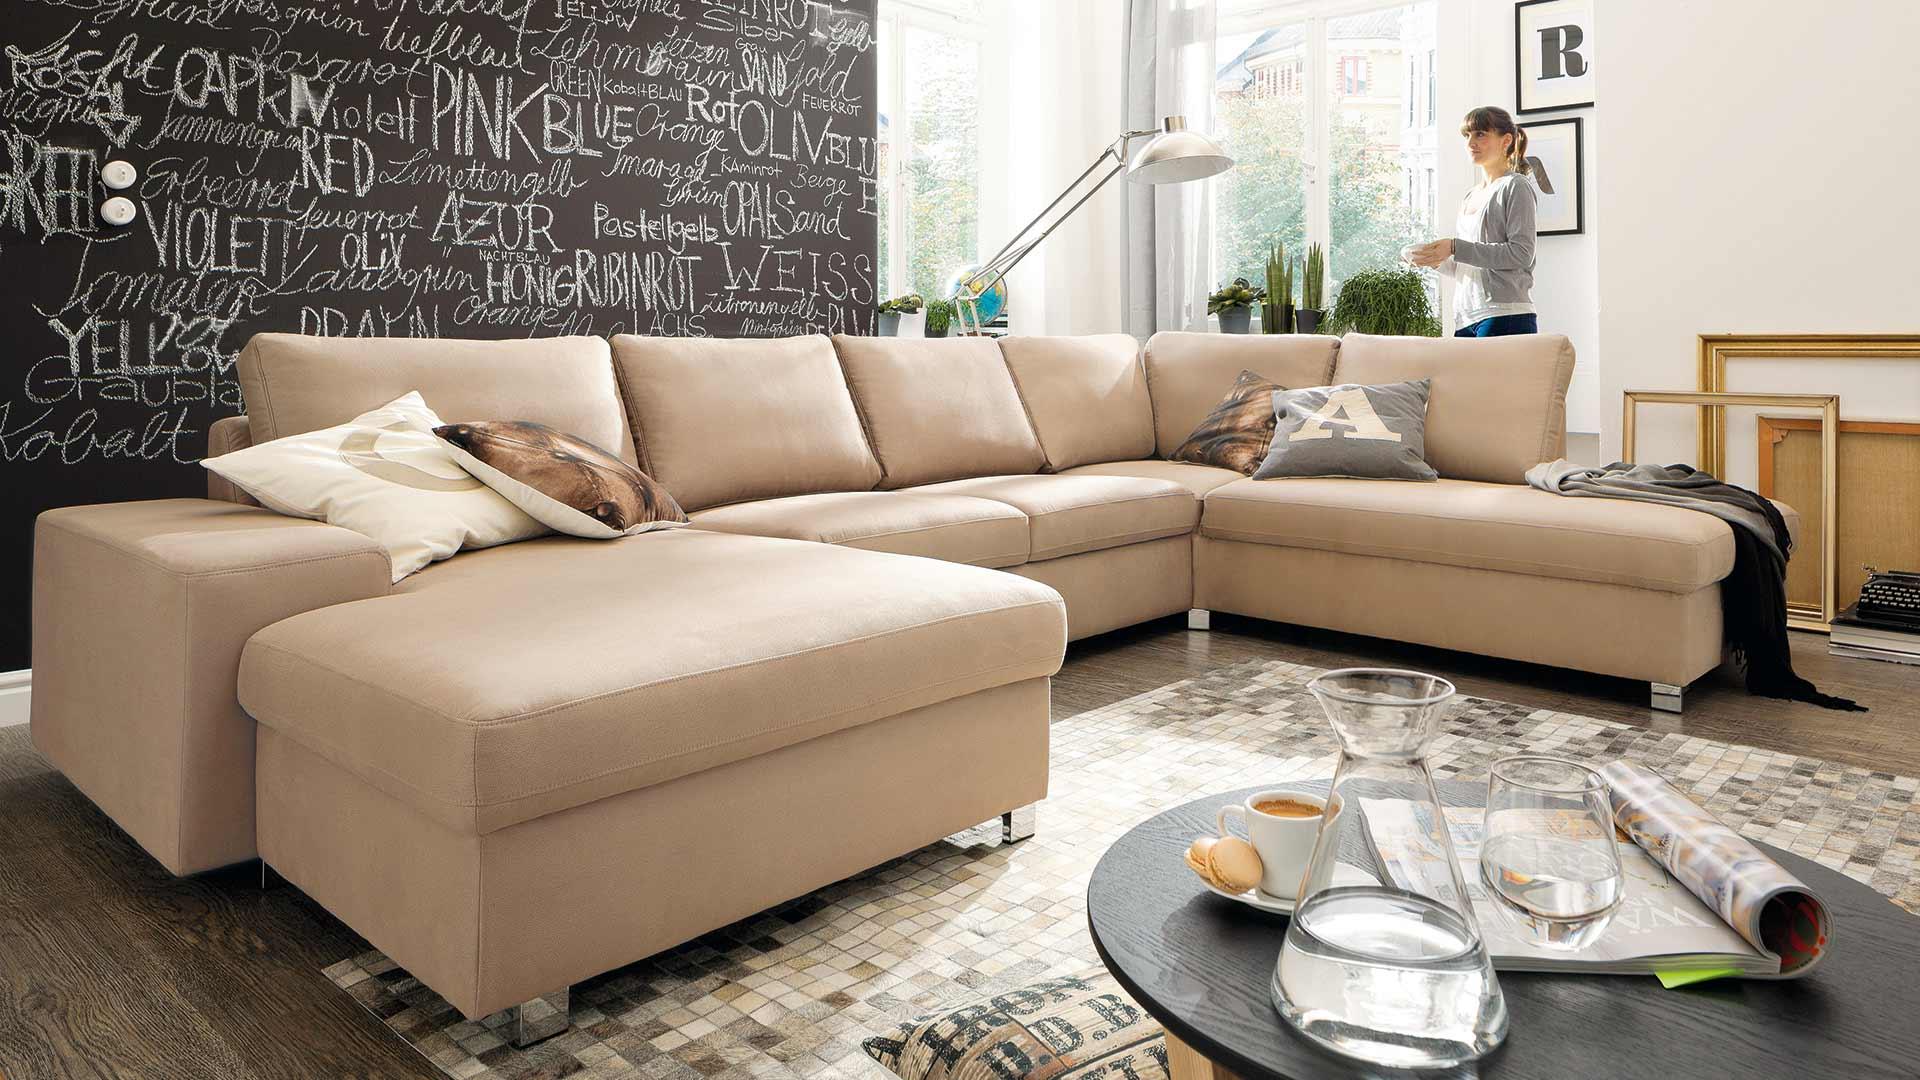 natura serina von natura einrichten in moormerland ot warsingsfehn nahe leer ostfriesland. Black Bedroom Furniture Sets. Home Design Ideas